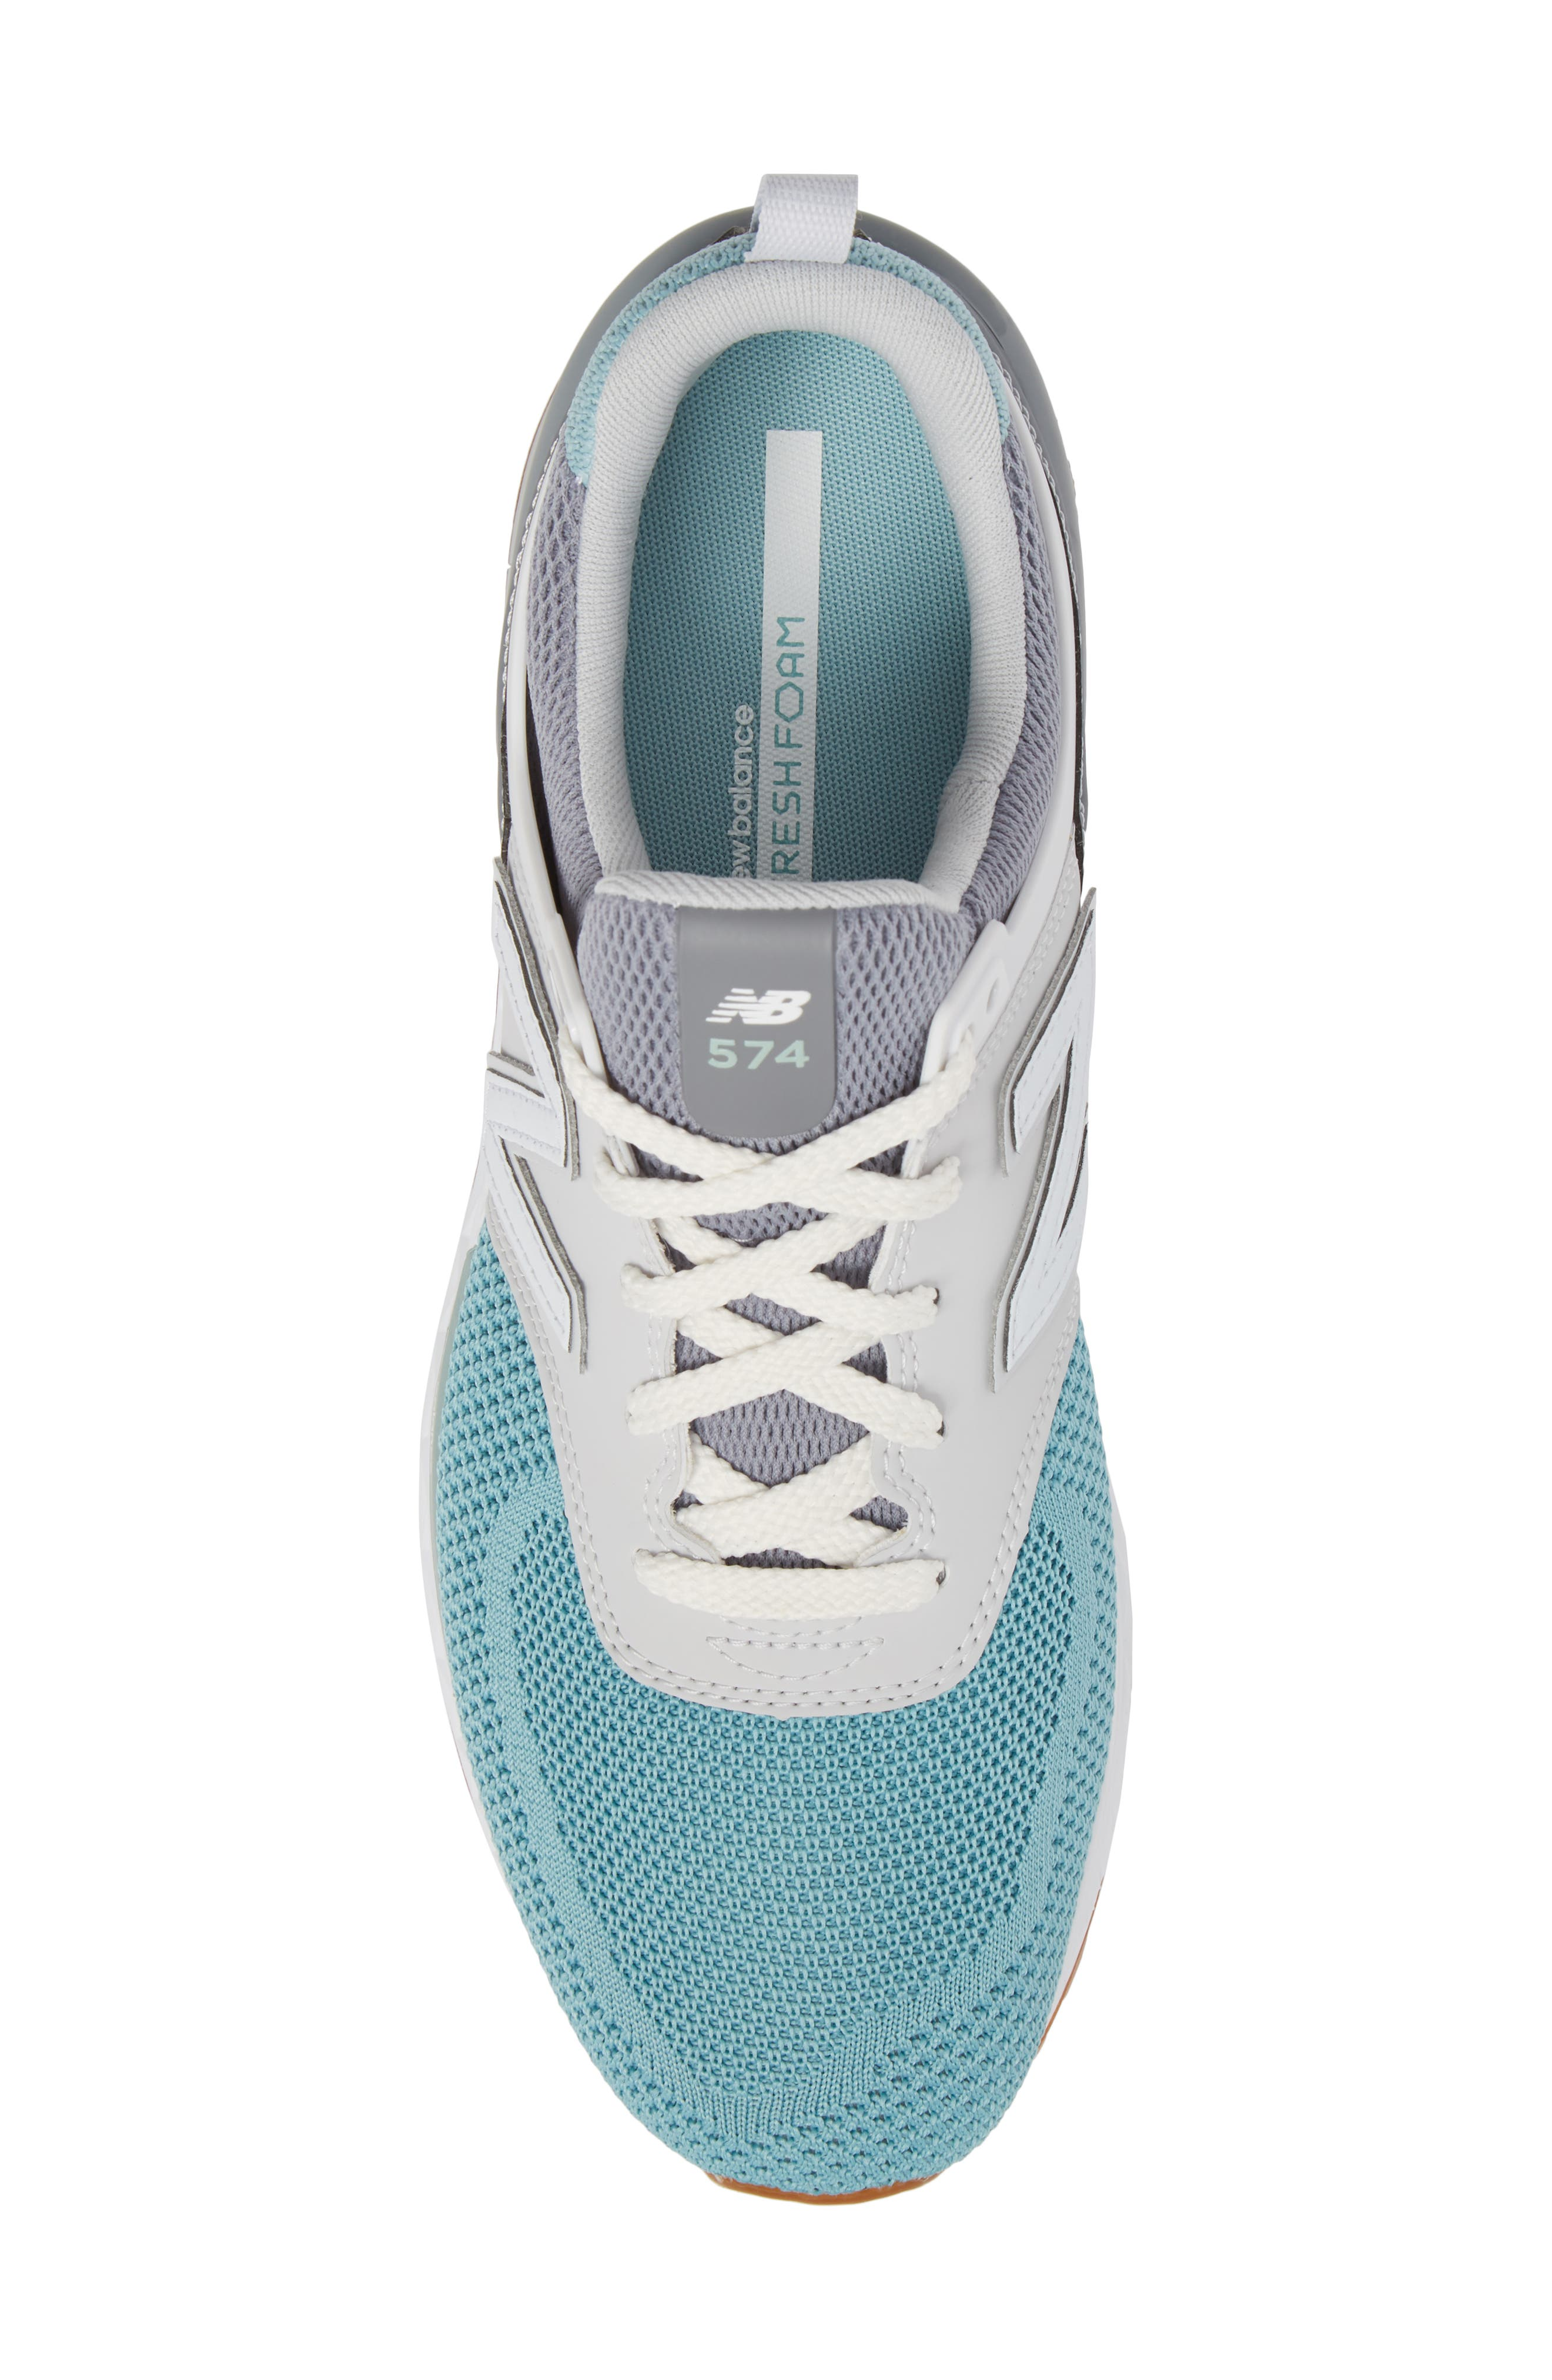 574 Fresh Foam Sport Sneaker,                             Alternate thumbnail 5, color,                             020